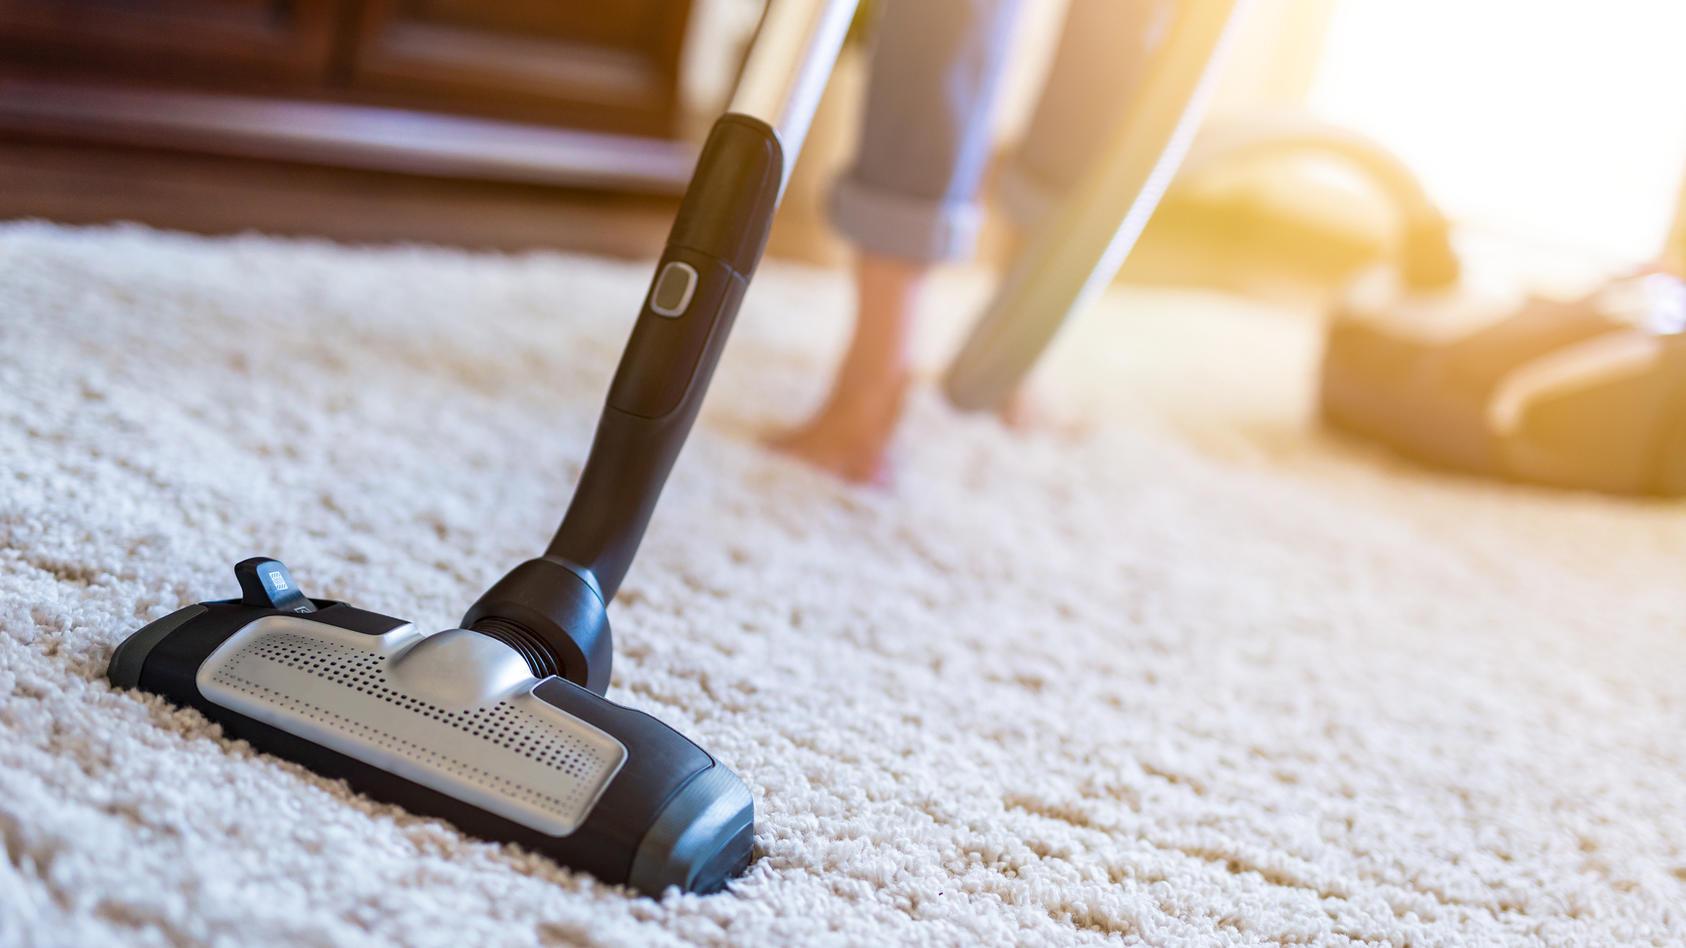 Der richtige Staubsauger ist für den Hausputz unabdingbar.